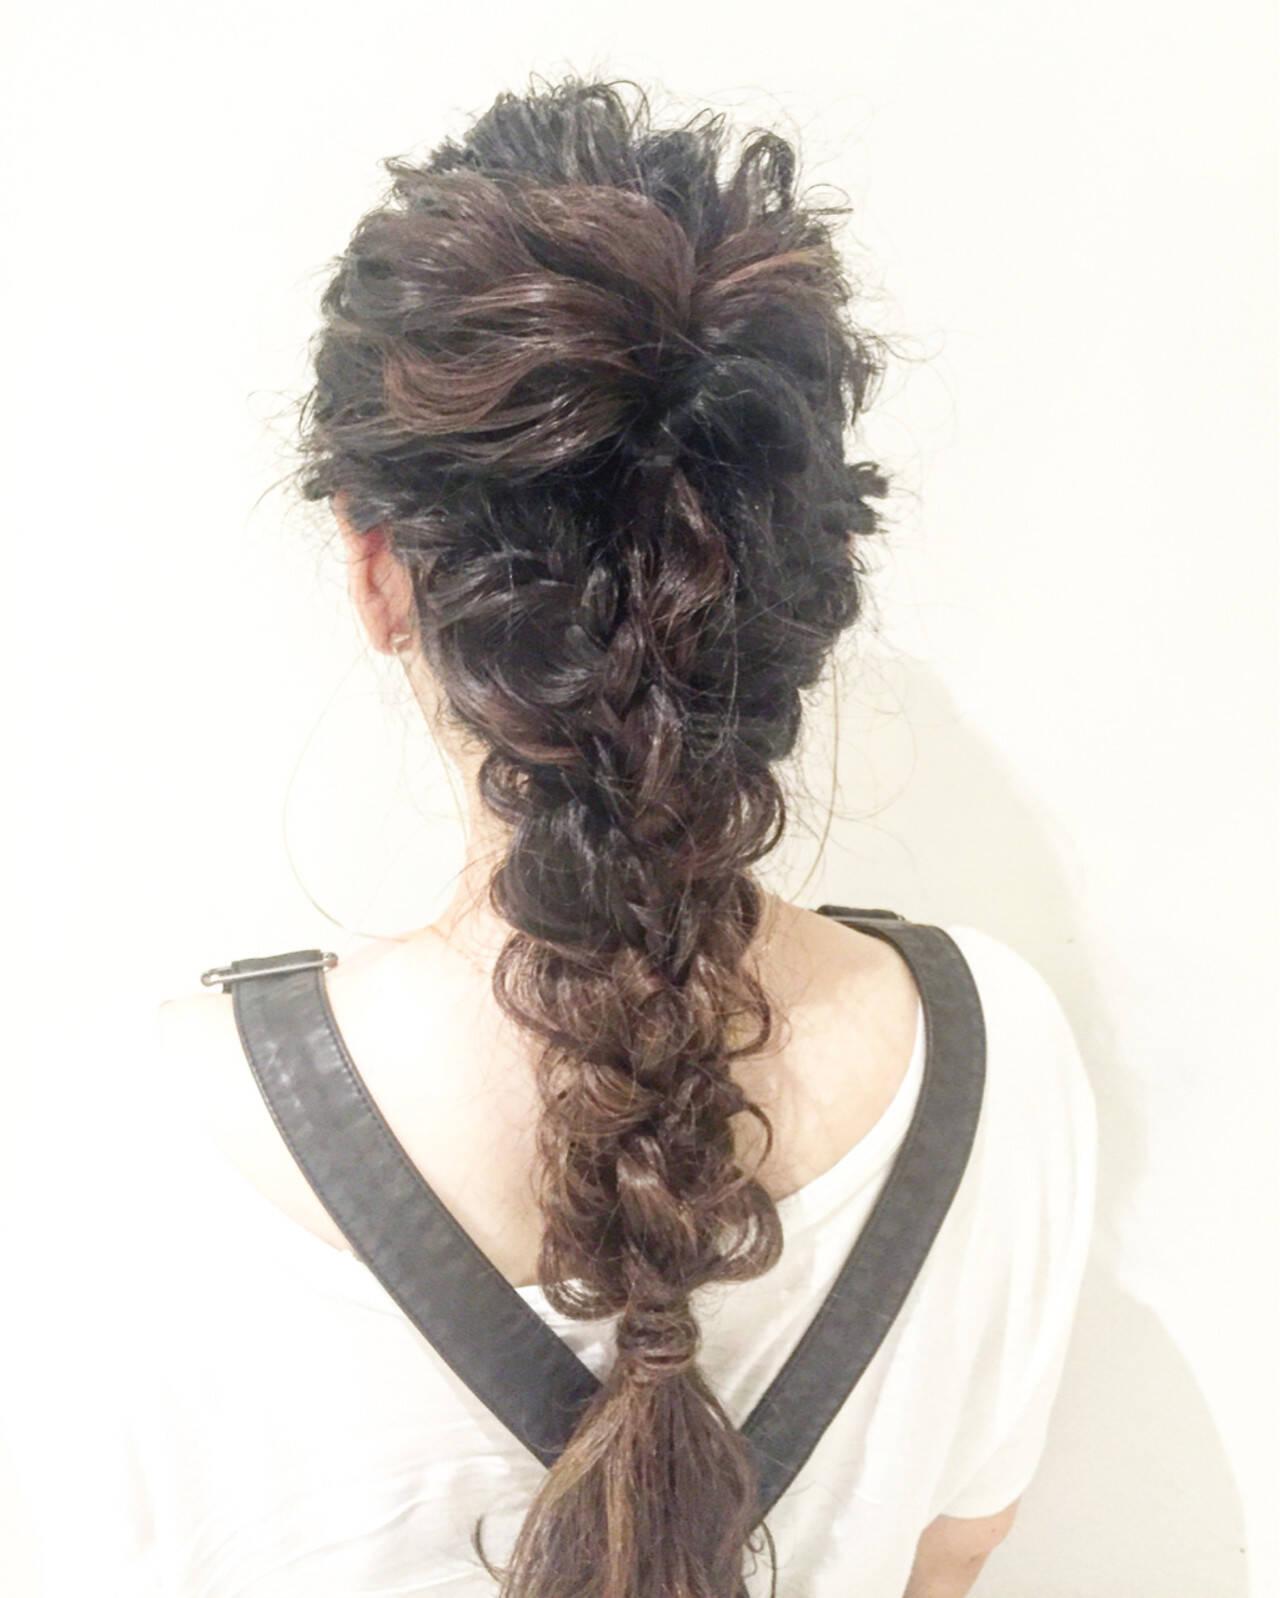 ナチュラル 結婚式 ロング 編み込みヘアスタイルや髪型の写真・画像